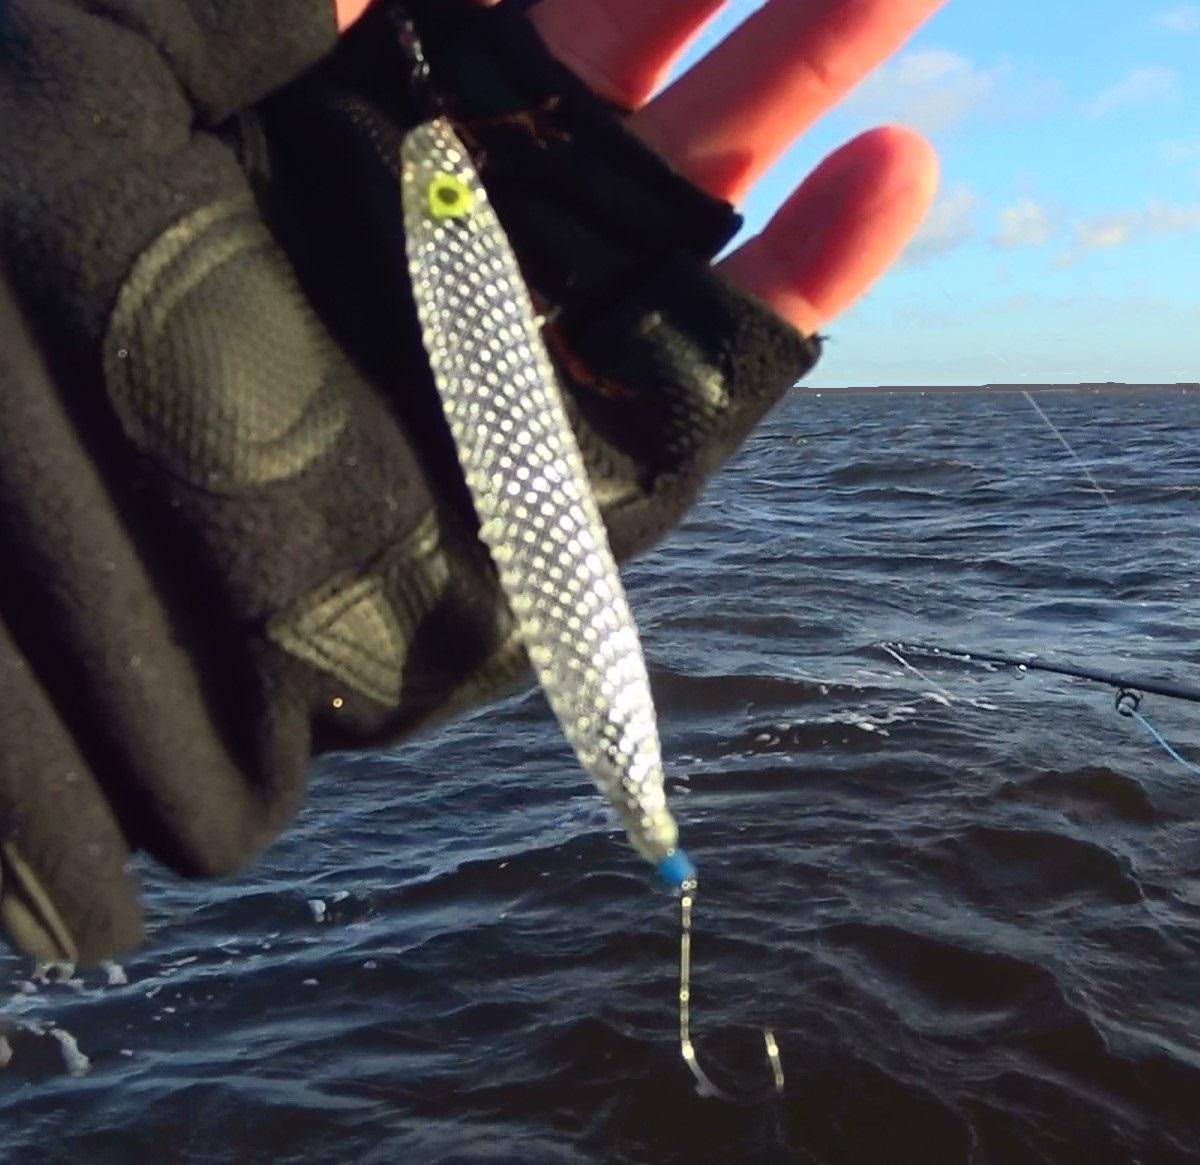 kustfiske efter havsöring